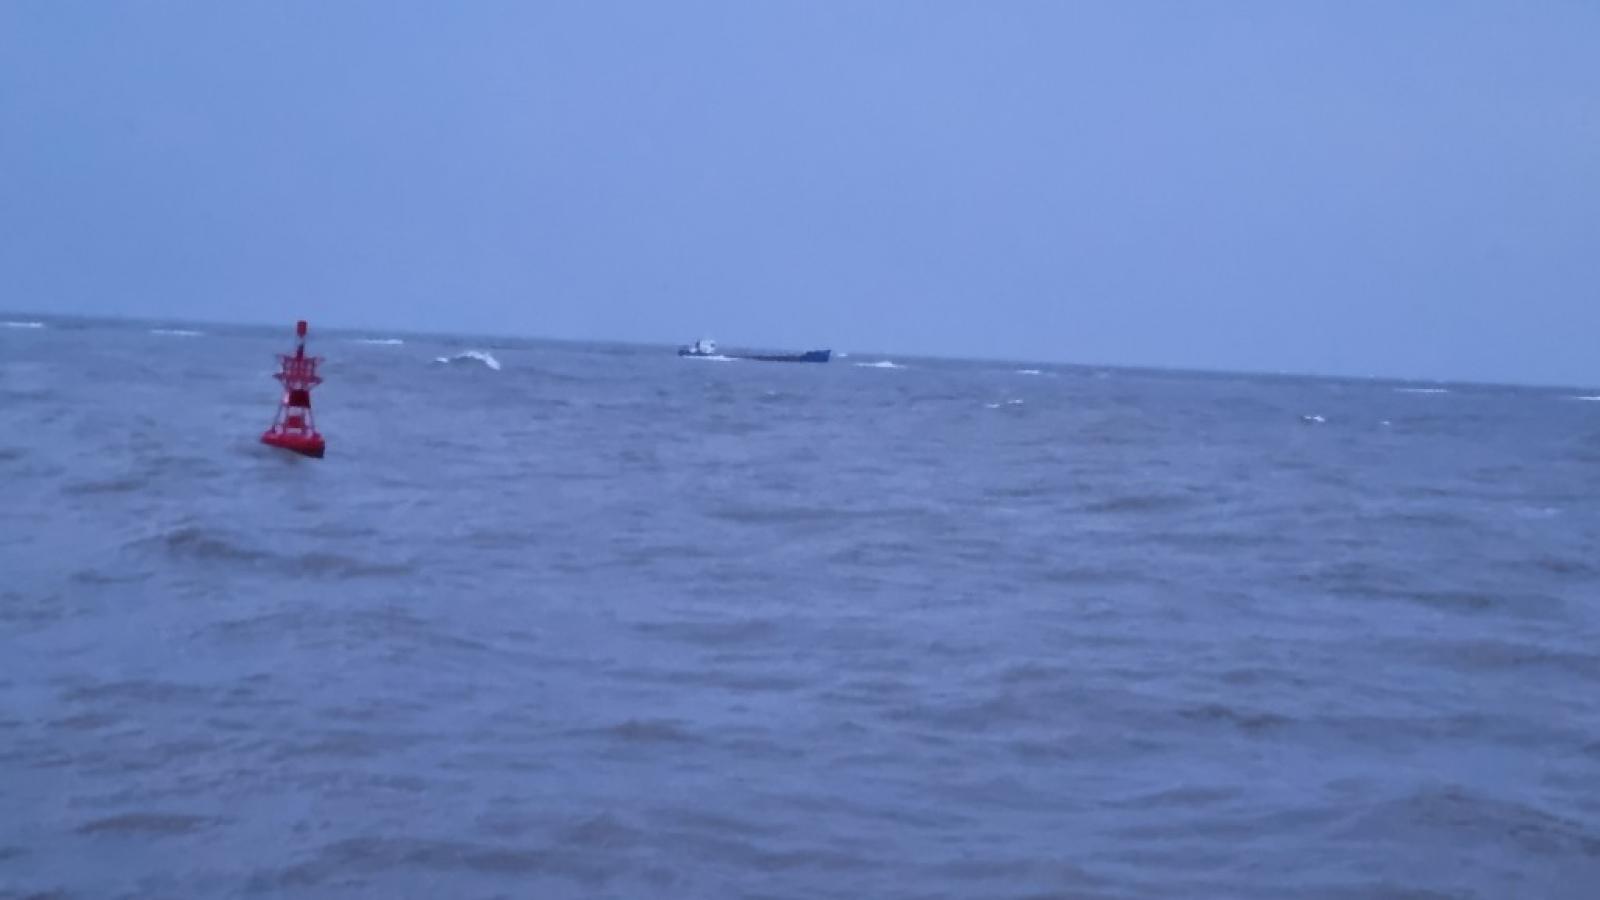 Cứu 9 thuyền viên trên tàu chở than va vào đá ngầm gần phao số 0